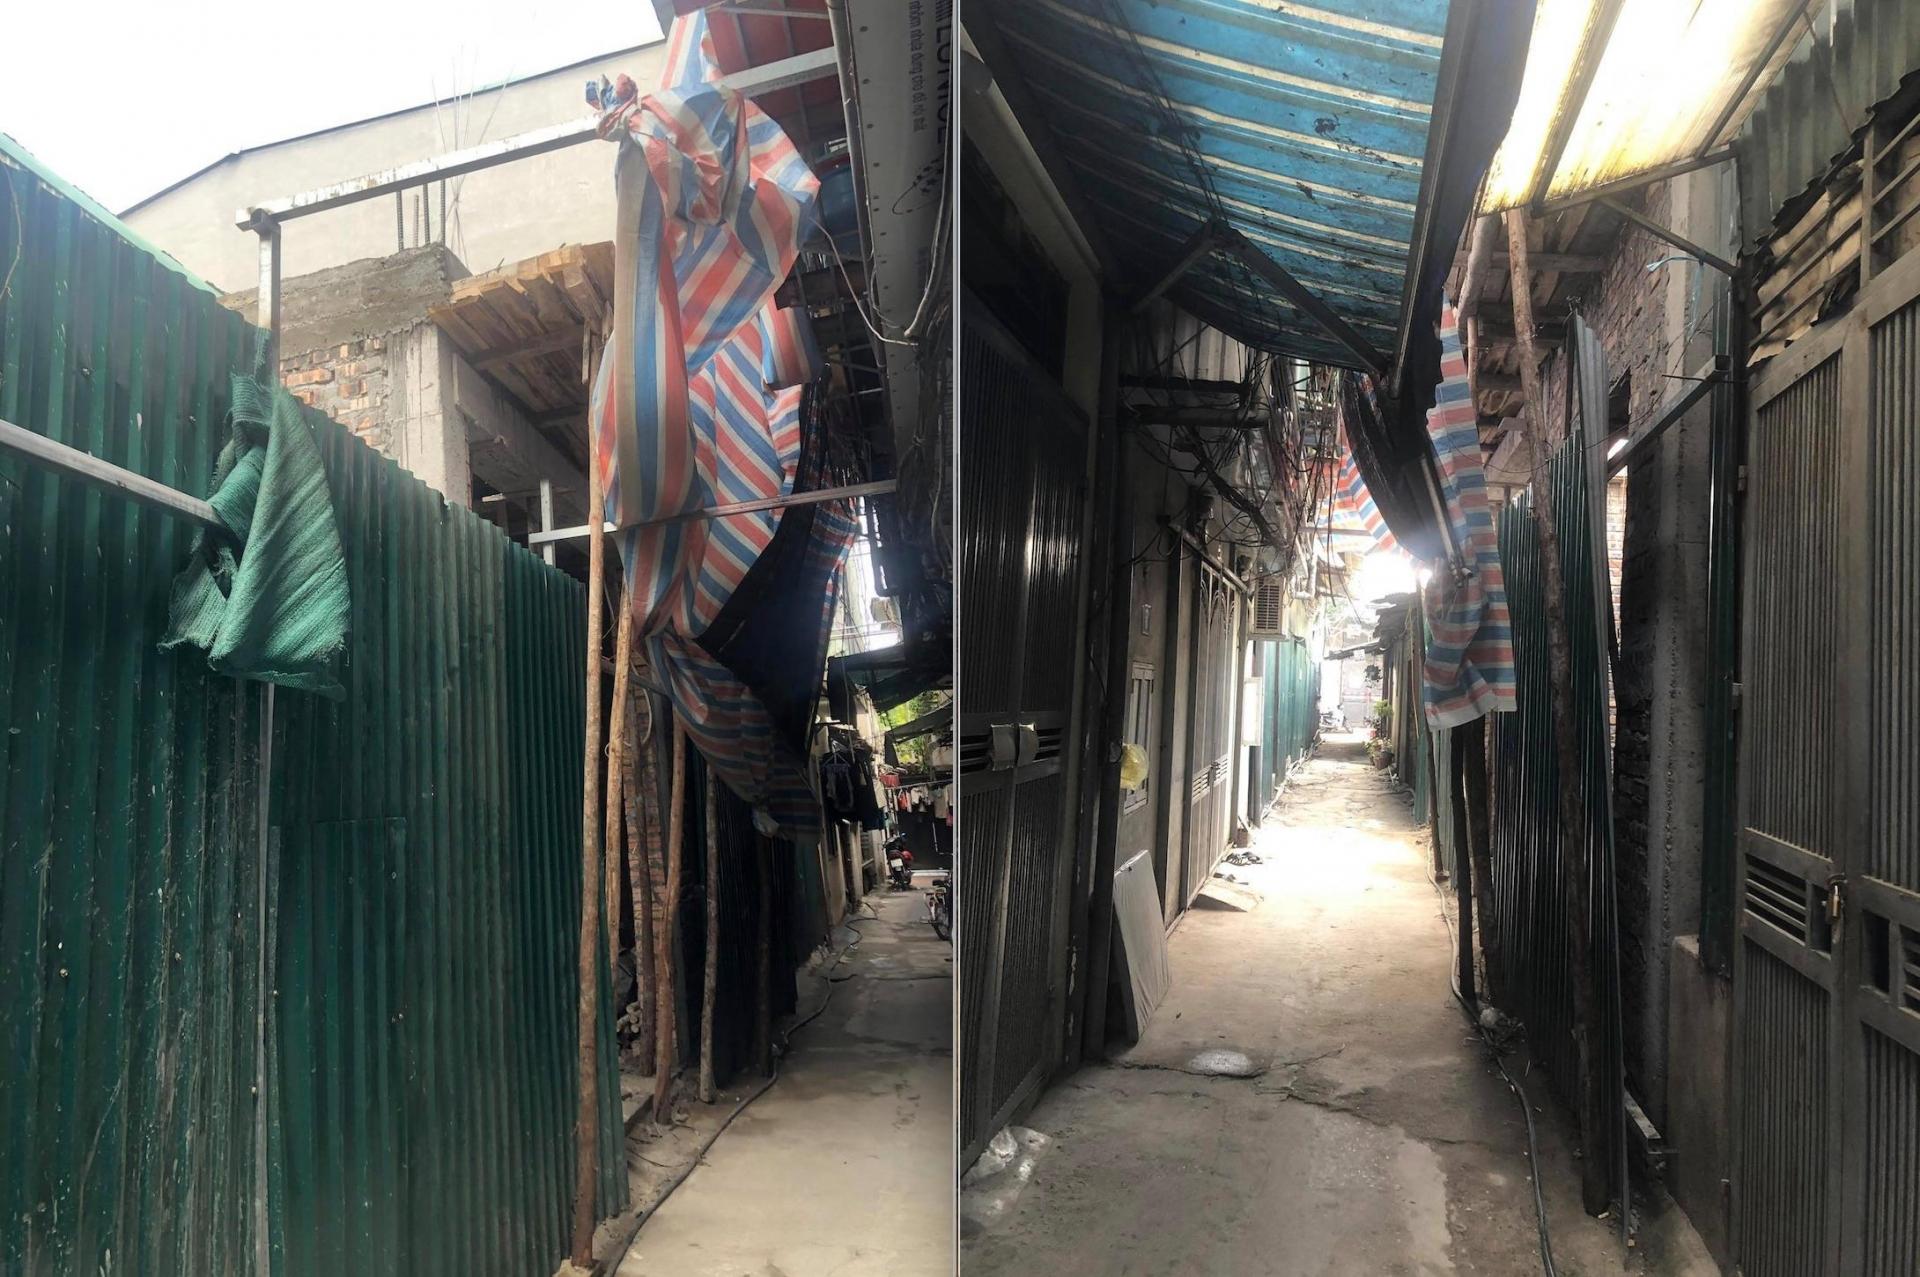 Thành phố chỉ đạo xử lý nghiêm, sai phạm TTXD ở Hà Nội vẫn tràn lan?